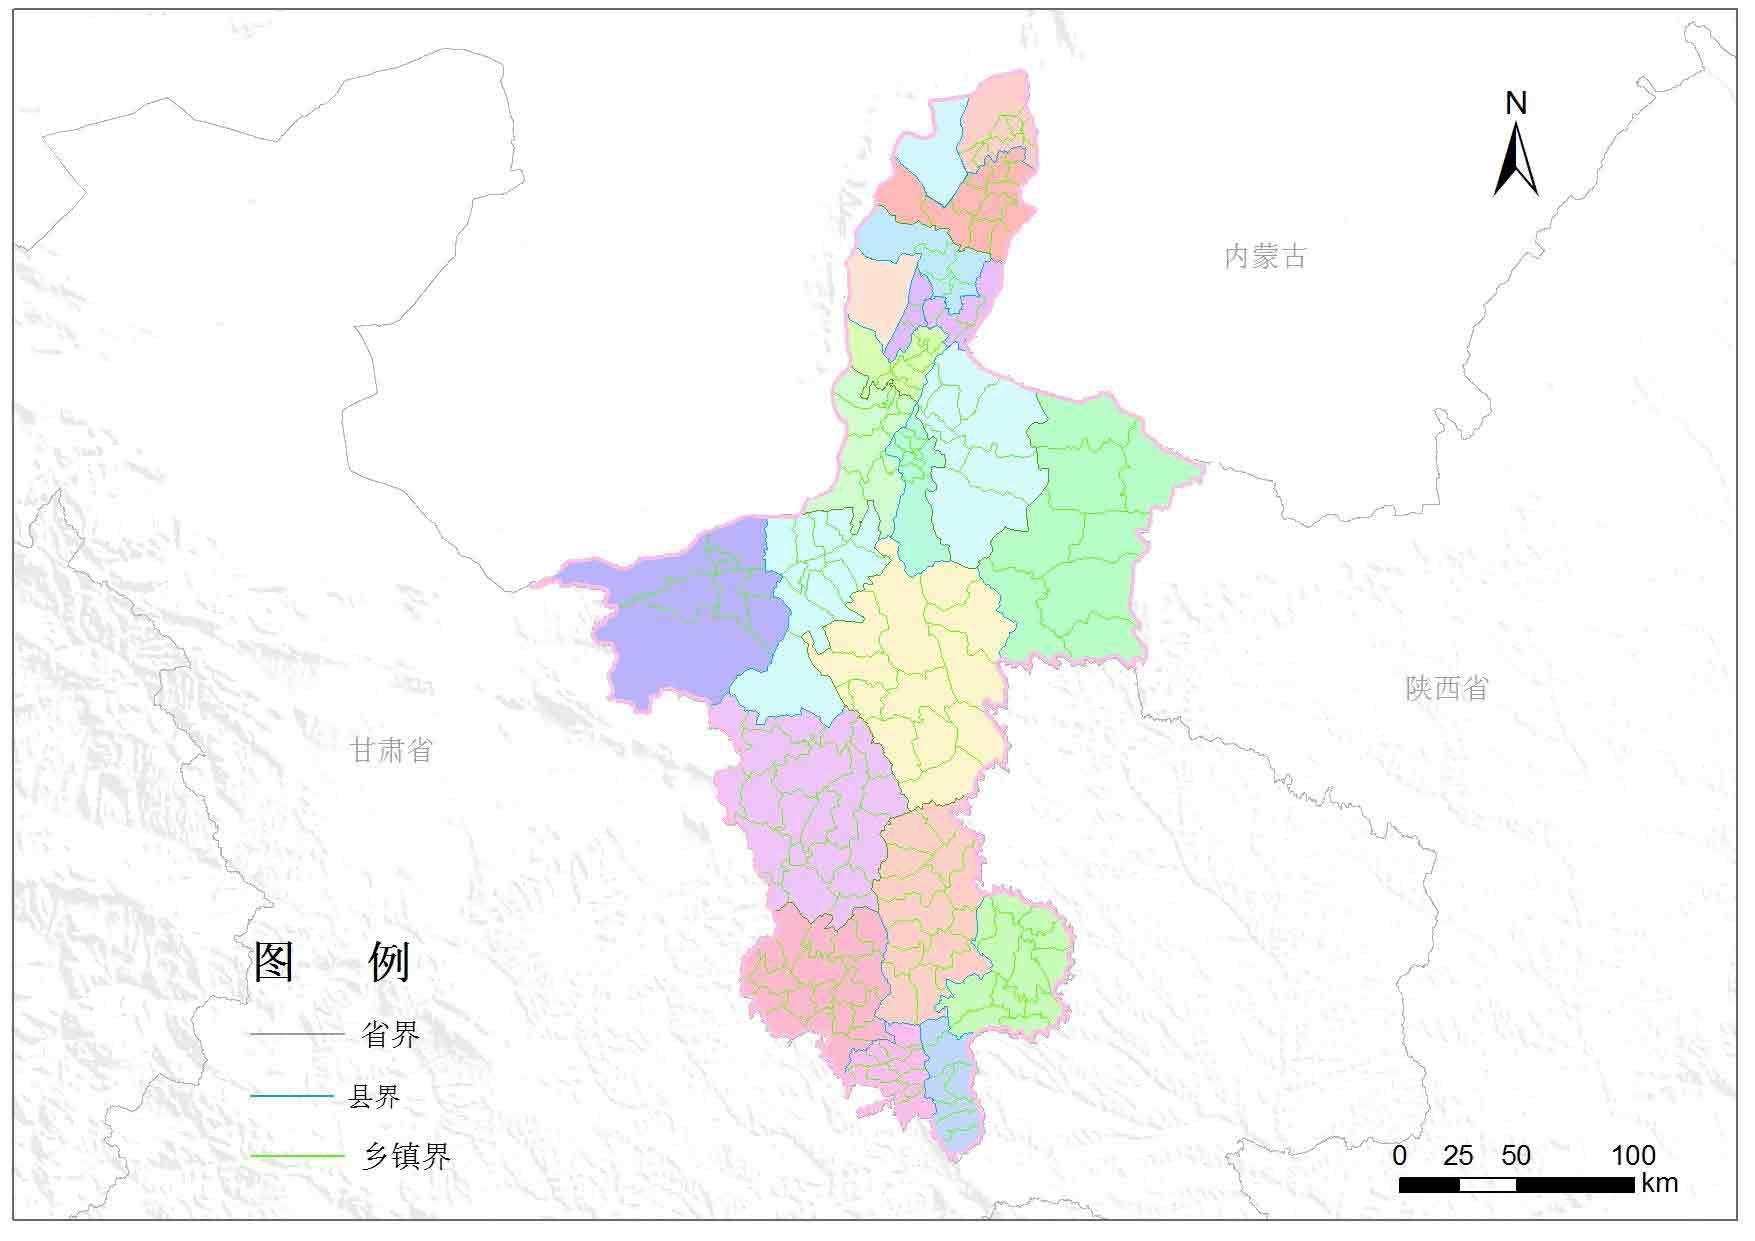 宁夏回族自治区乡镇行政区划-地图数据-地理国情监测